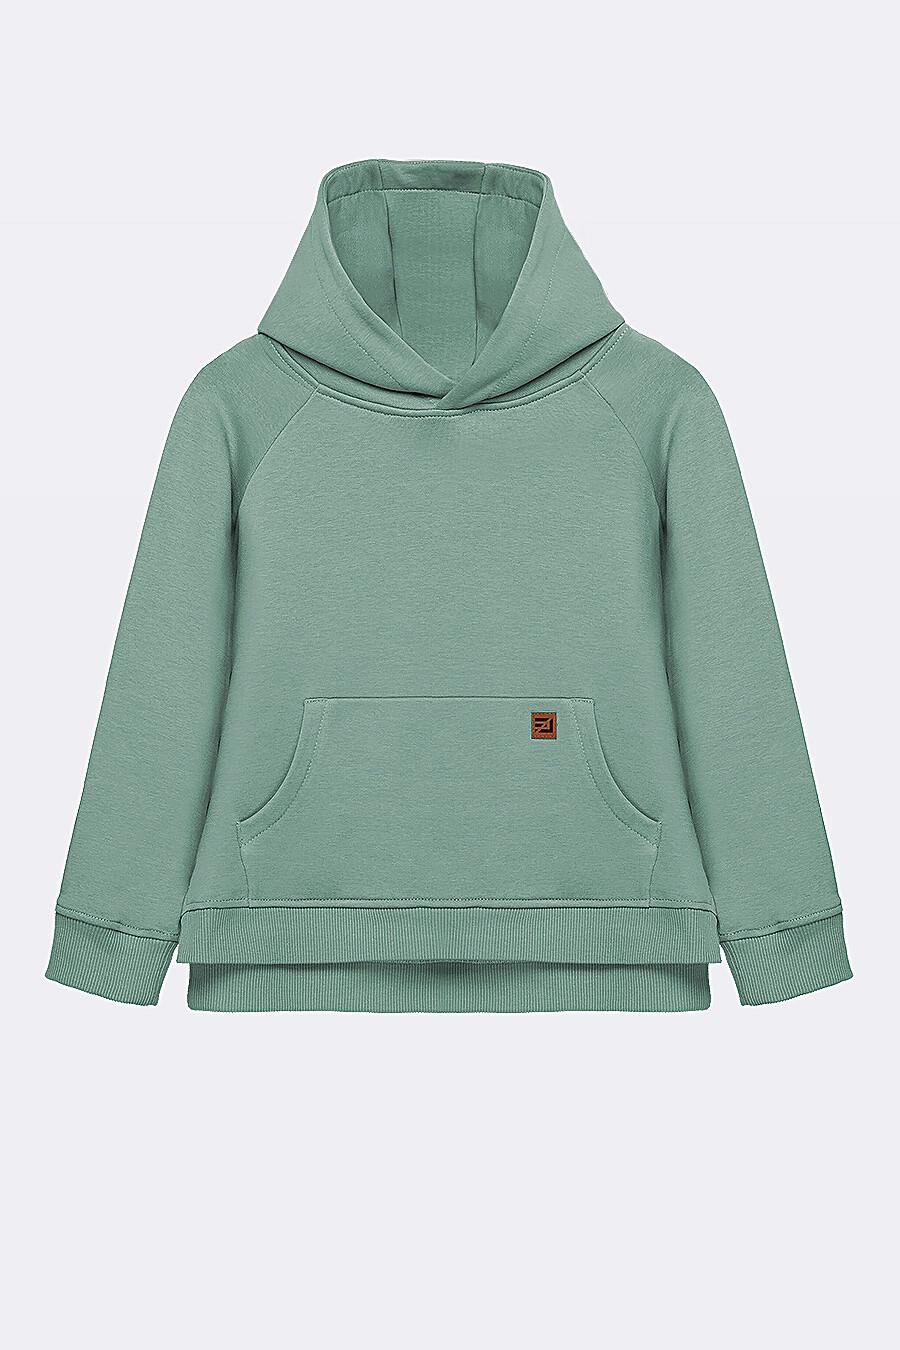 Костюм(Худи+Брюки) для мальчиков EZANNA 682547 купить оптом от производителя. Совместная покупка детской одежды в OptMoyo